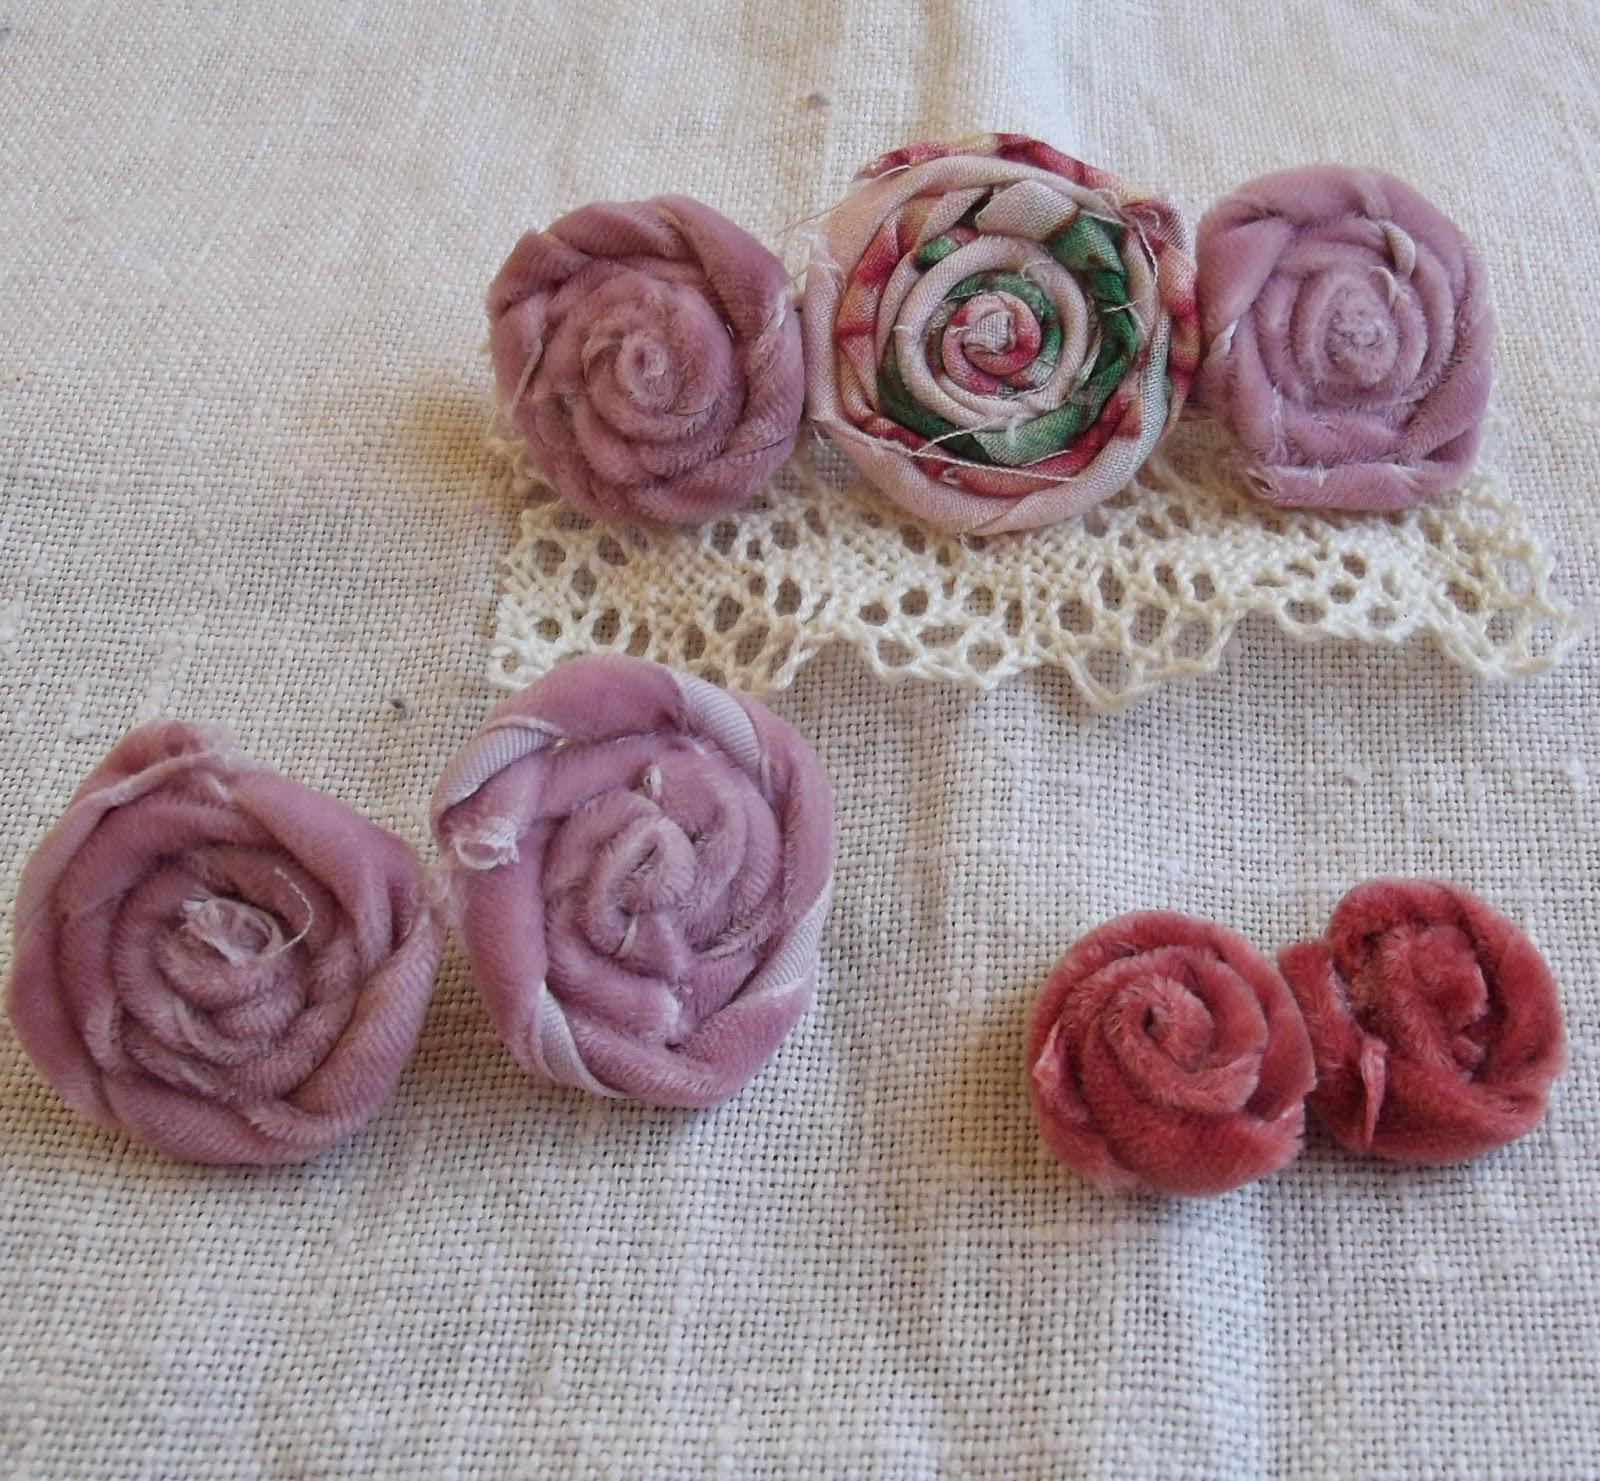 rag rolled rose stud earring tutorial velvet ribbon rose hairclip